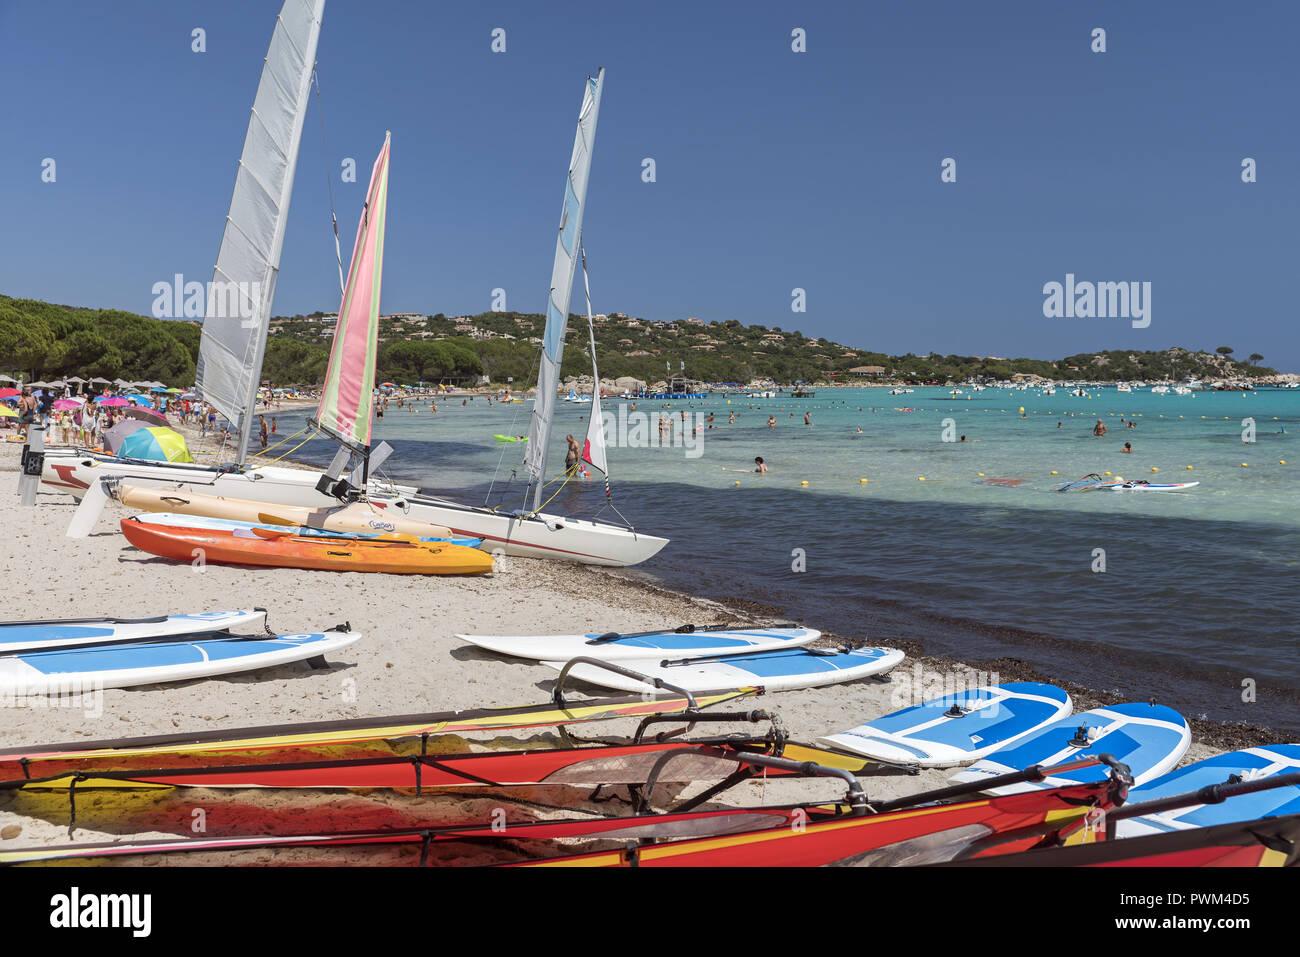 Tourist recreational water vehicles in the bay of Santa Giulia. Beach of Santa Giulia in Corsica. Plaża Santa Giulia na Korsyce. Żaglówki, łódki. - Stock Image